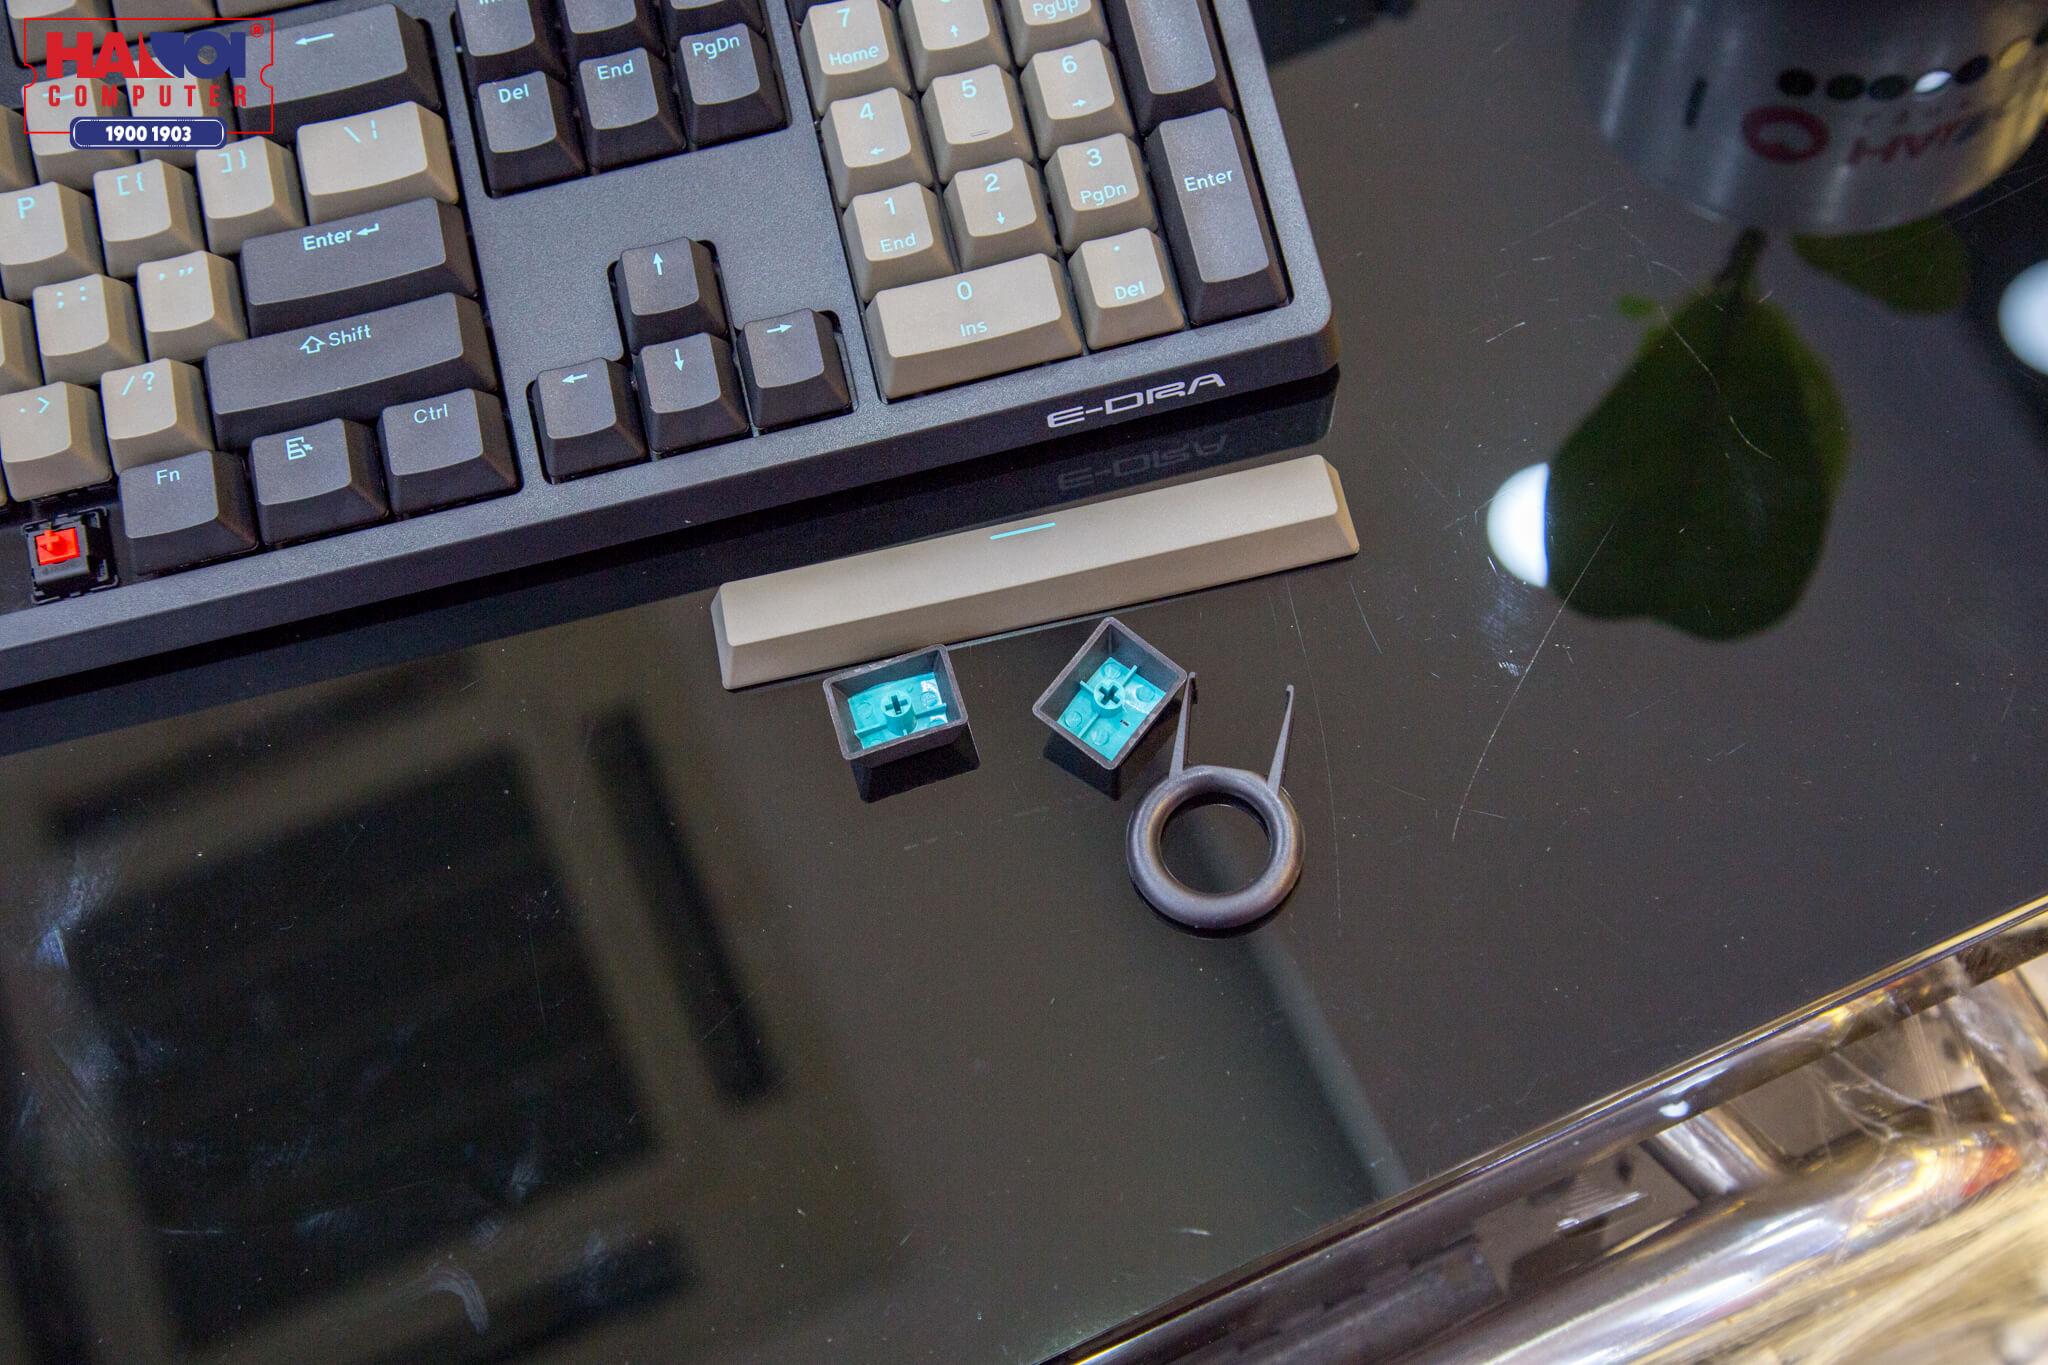 Bàn phím cơ E-Dra EK3104 Pro (Cherry Blue switch/PBT/USB/Đen)  sử dụng switch CHerry MX cao cấp